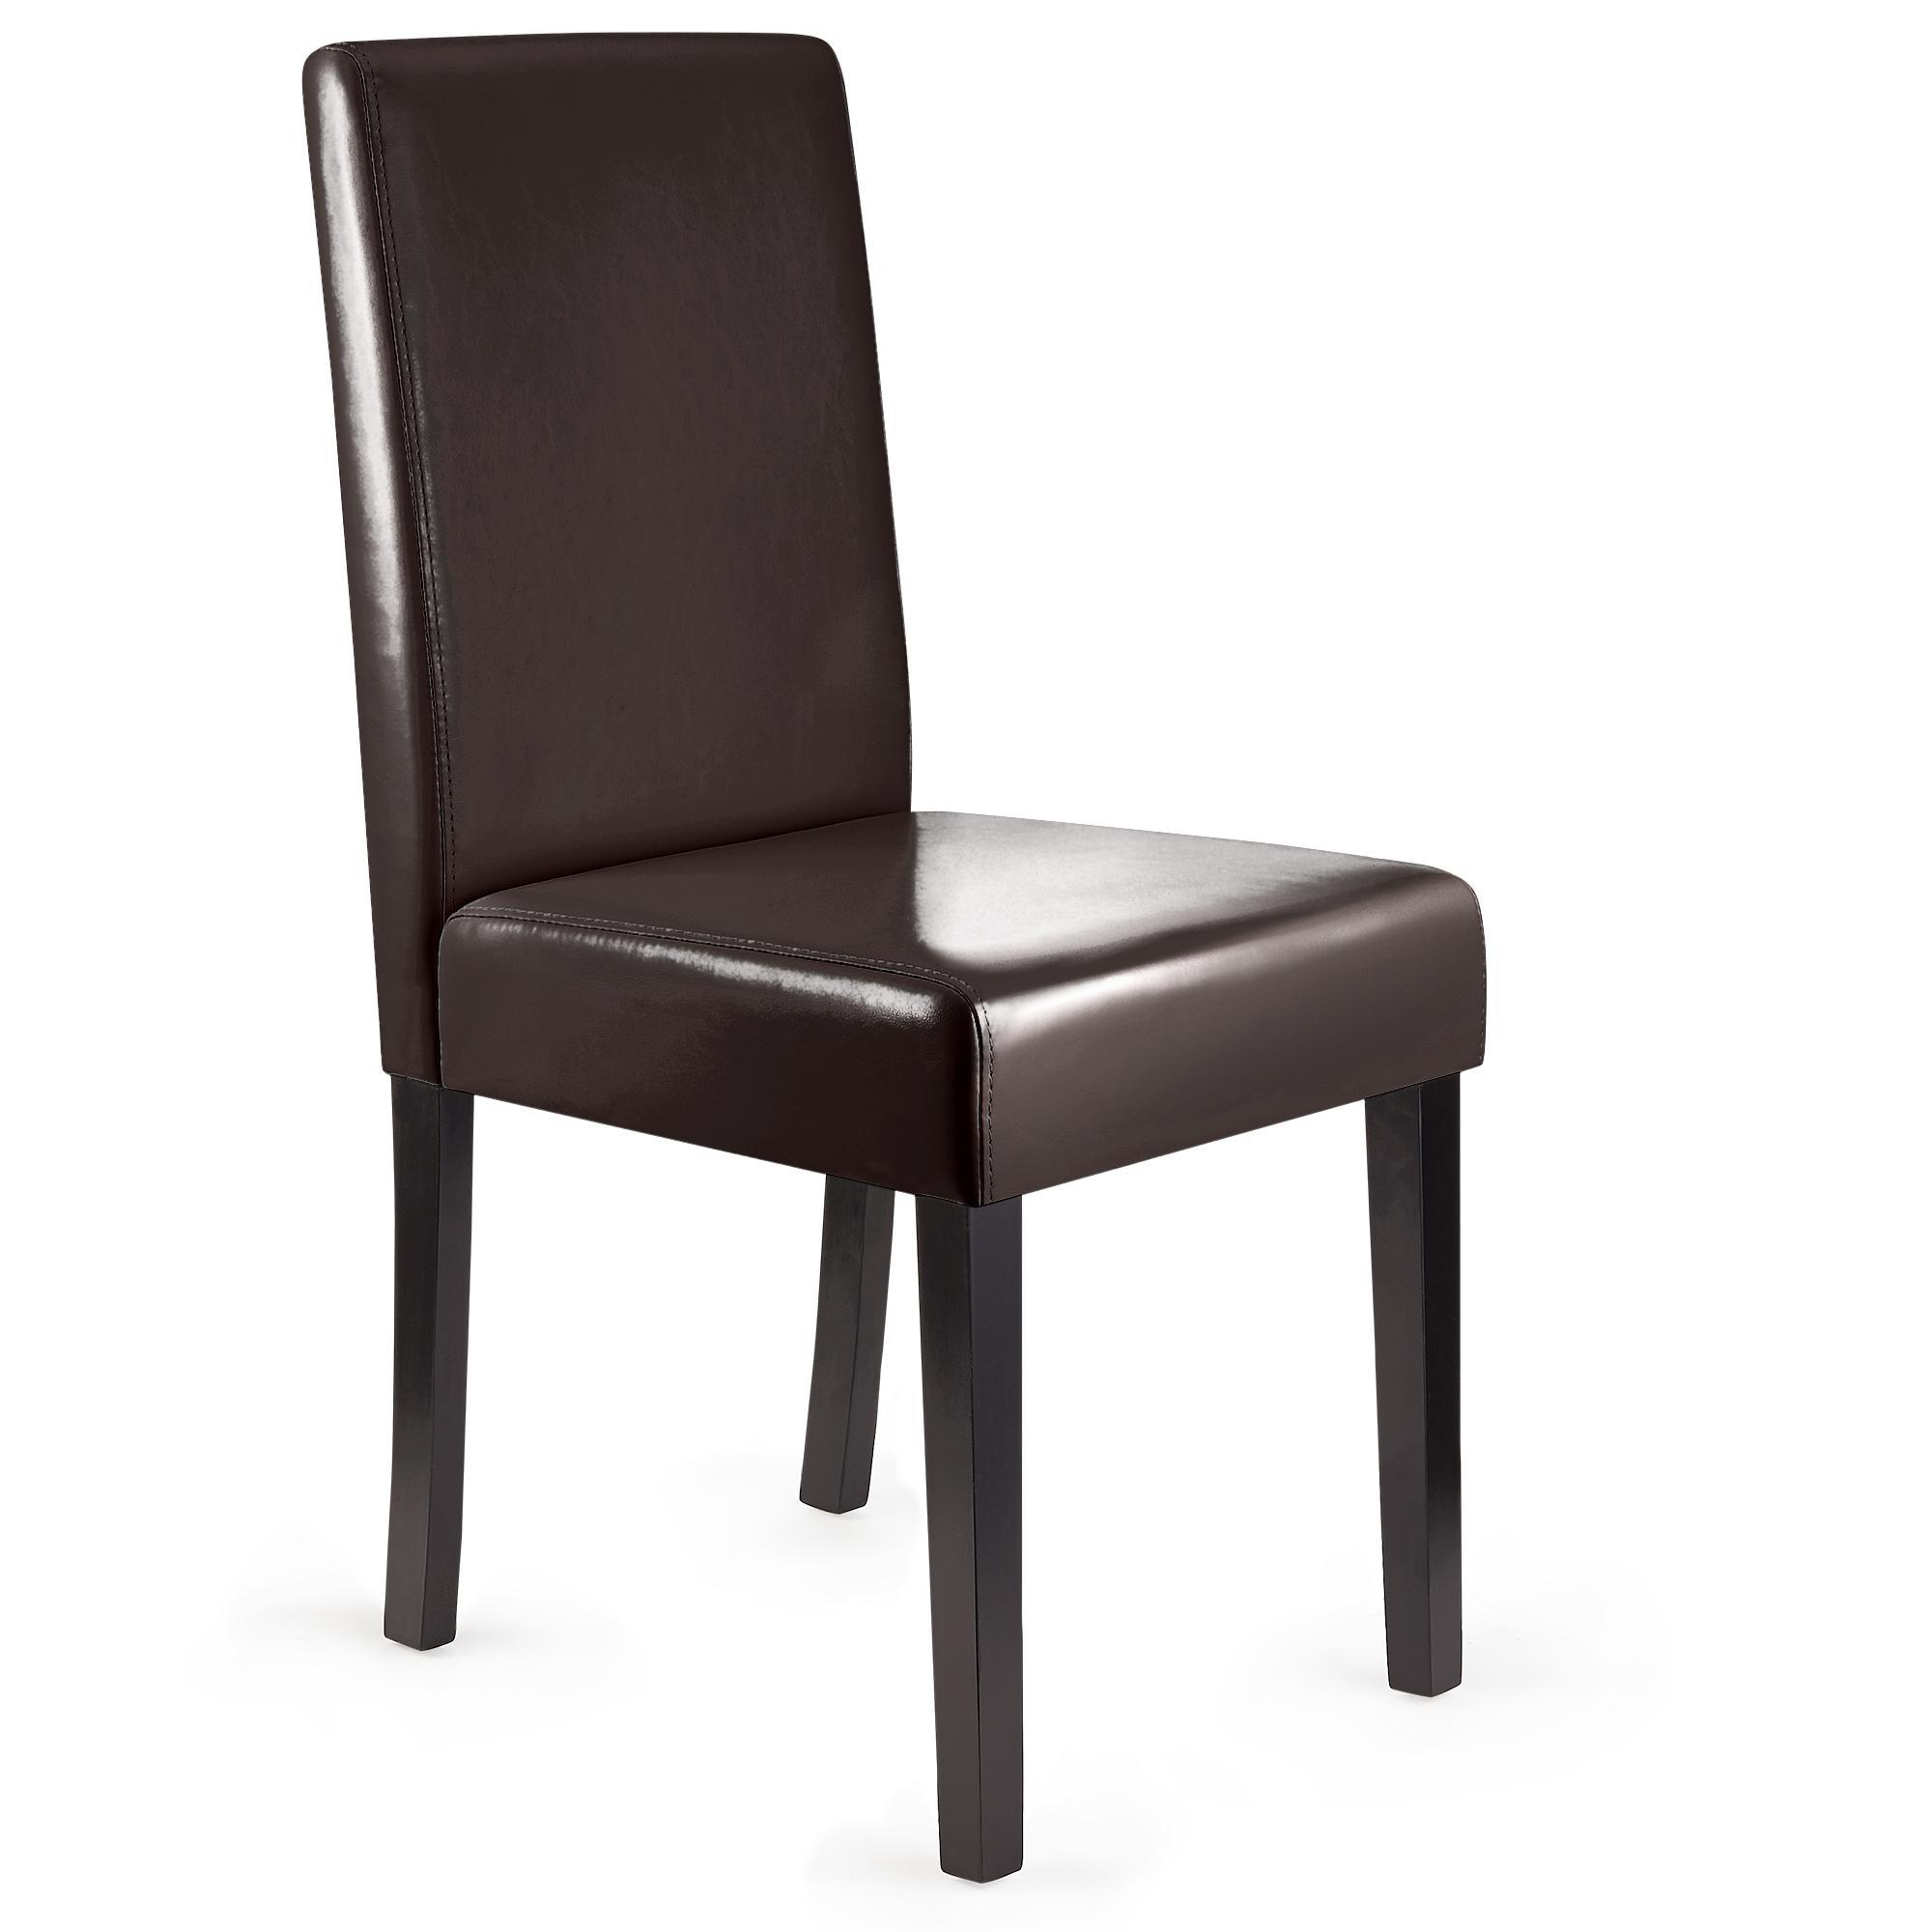 Lote 6 sillas de comedor litau piel natural color marr n for Sillas de comedor tapizadas en piel